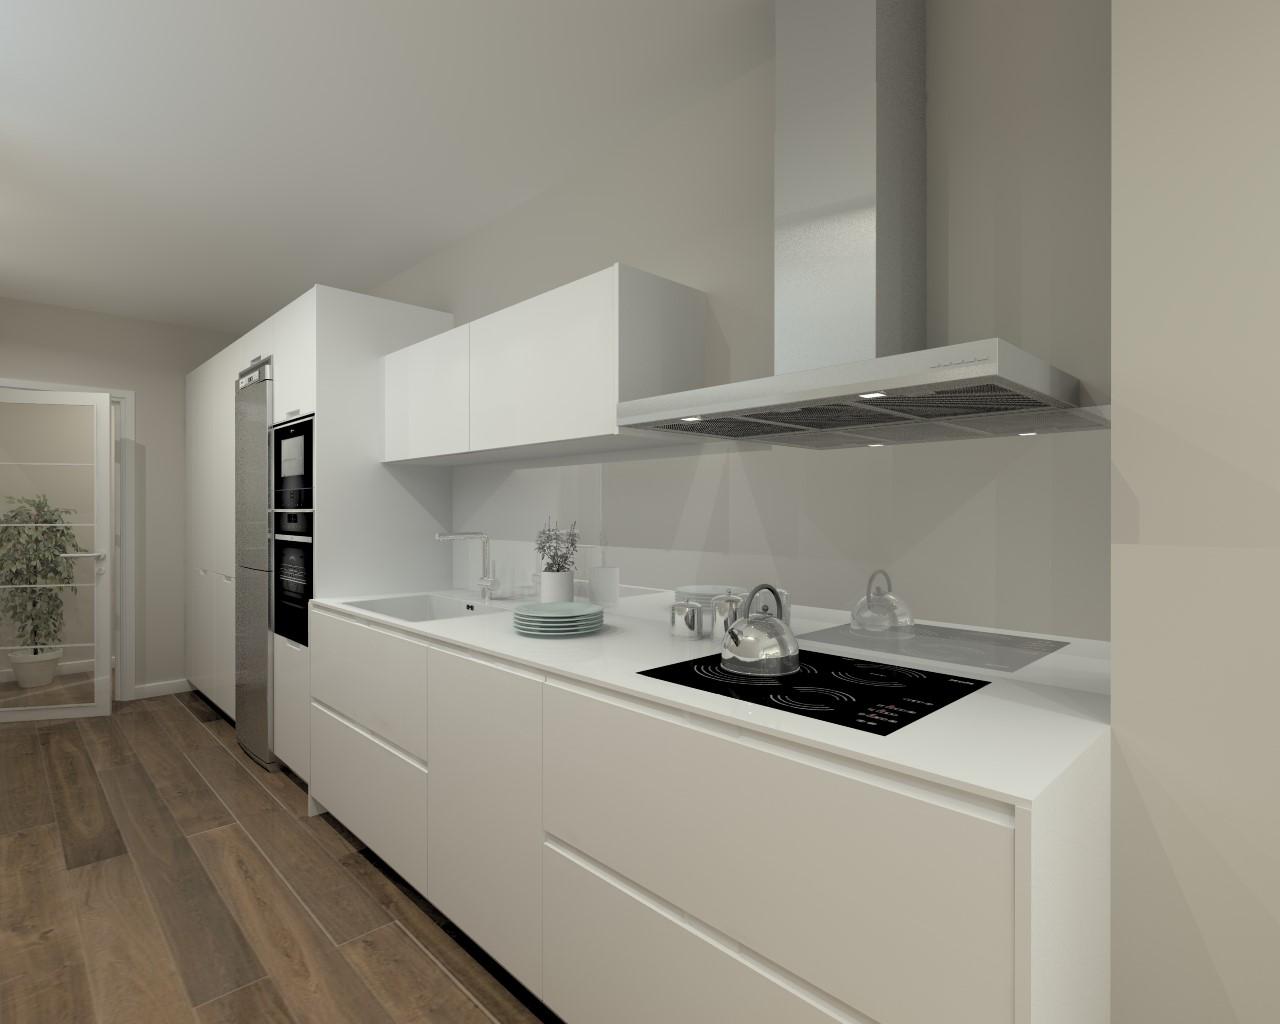 Cocina santos modelo intra laca seda mate blanco encimera dalian blanco estudio cocinas dc - Cocinas santos ...